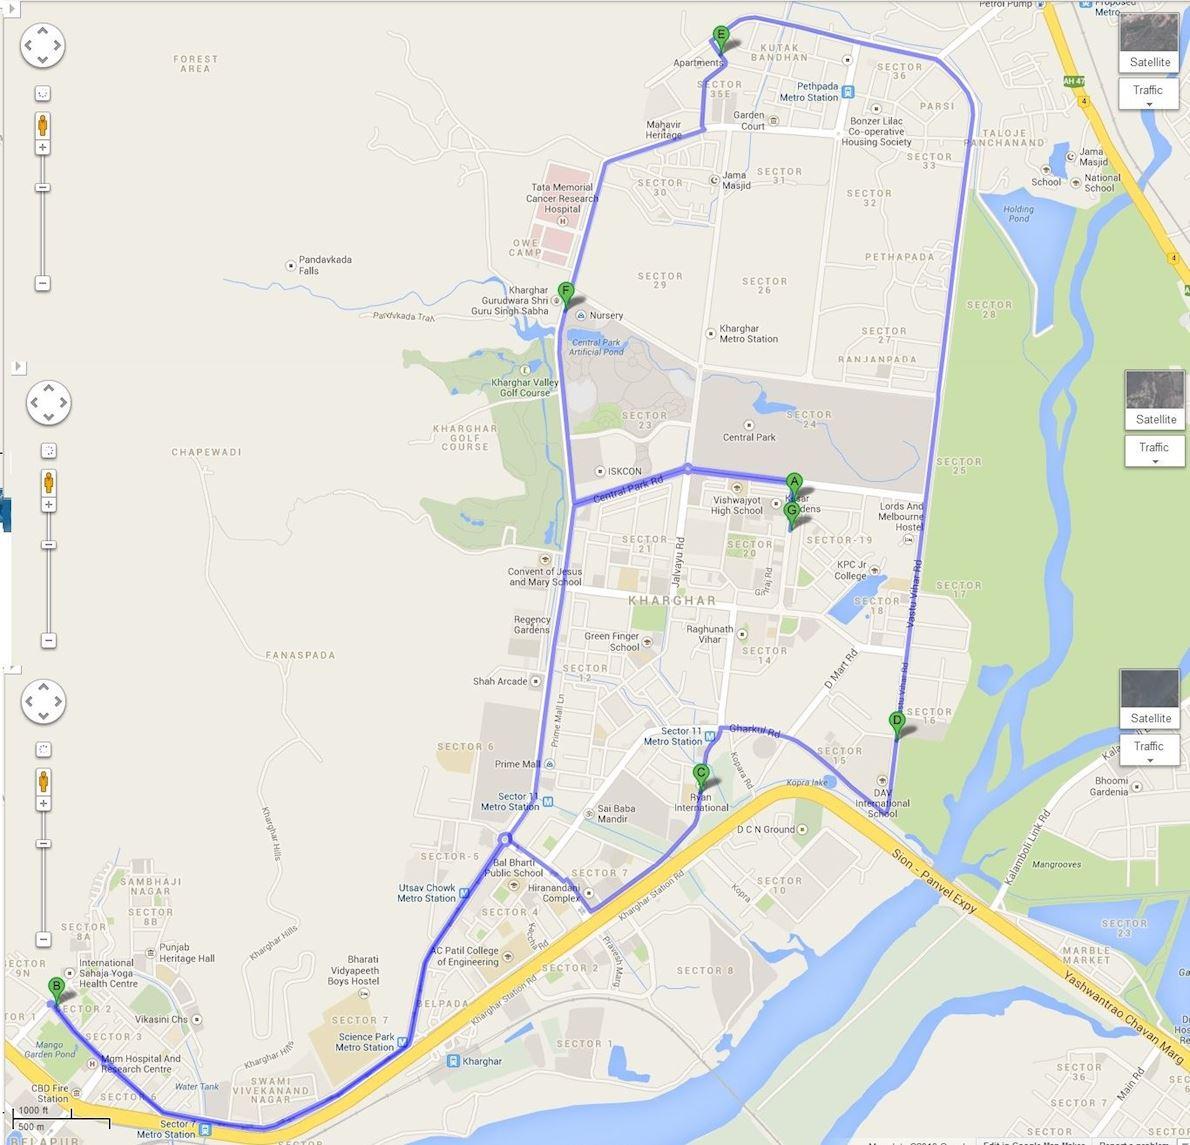 Kharghar Marathon Route Map